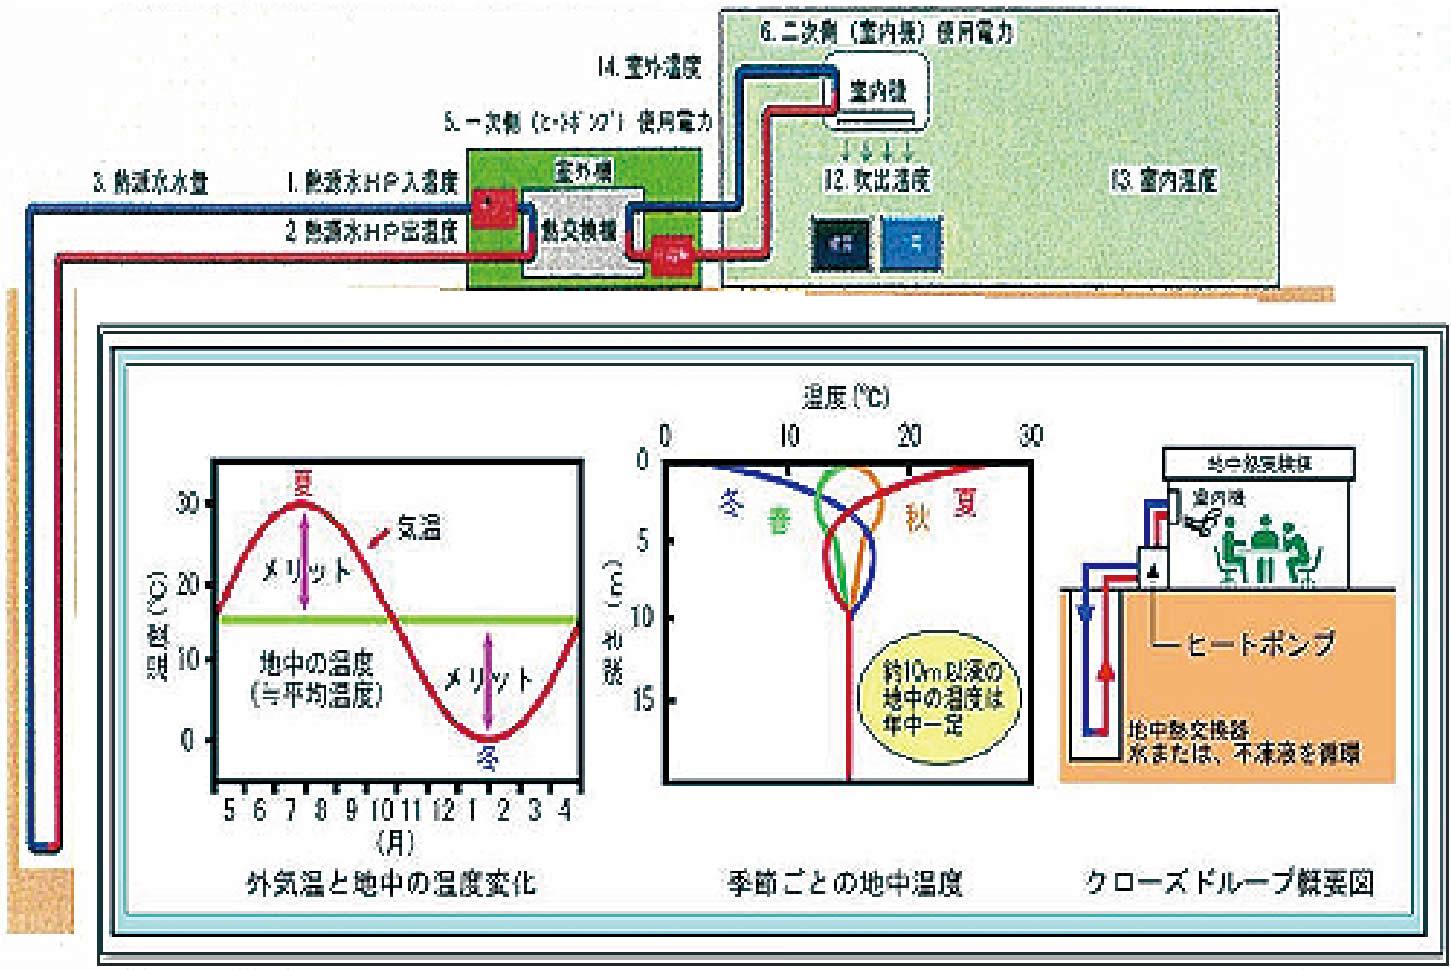 実験棟のヒートポンプシステムのイメージ